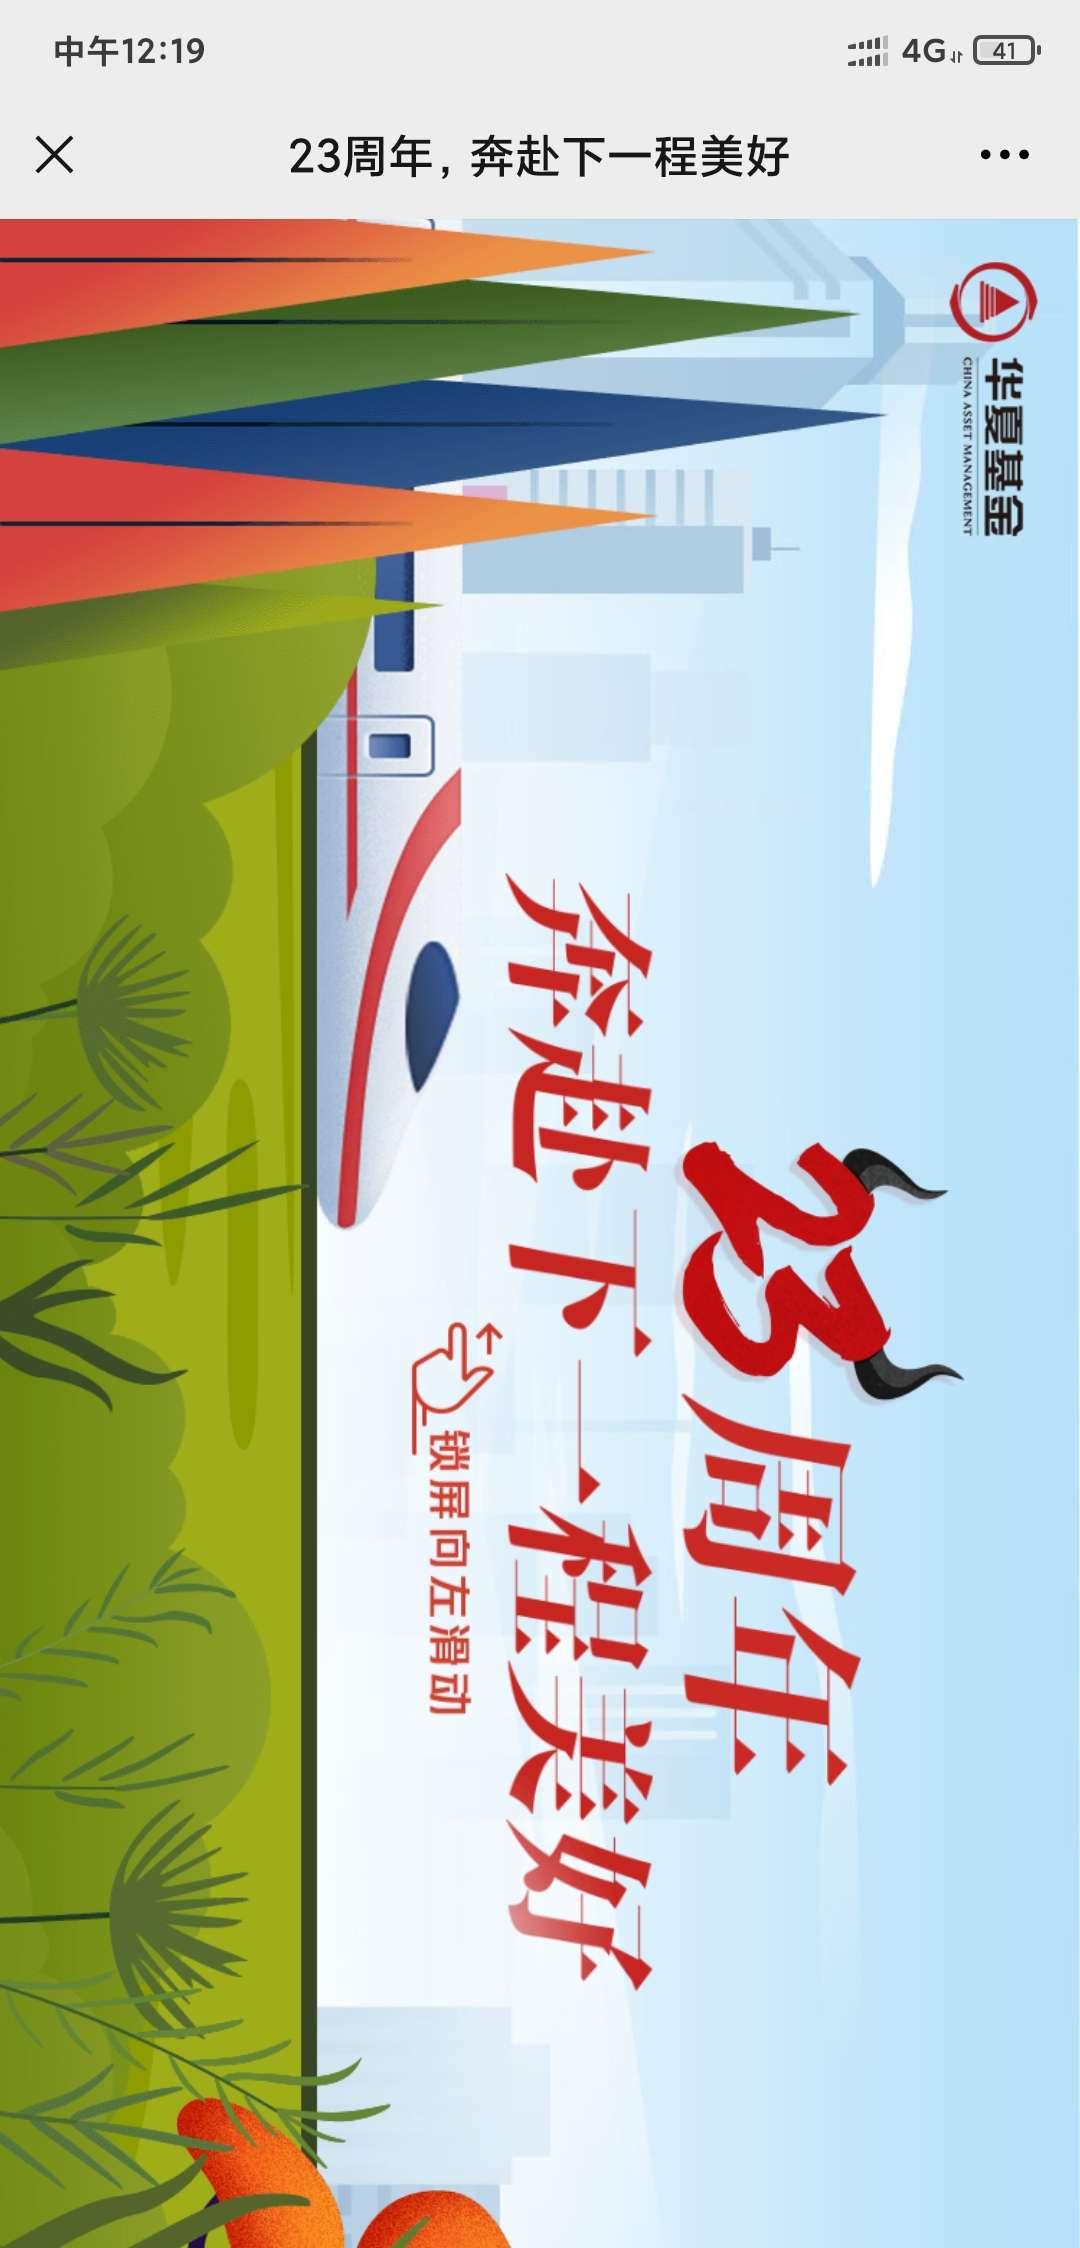 华夏基金23周年活动